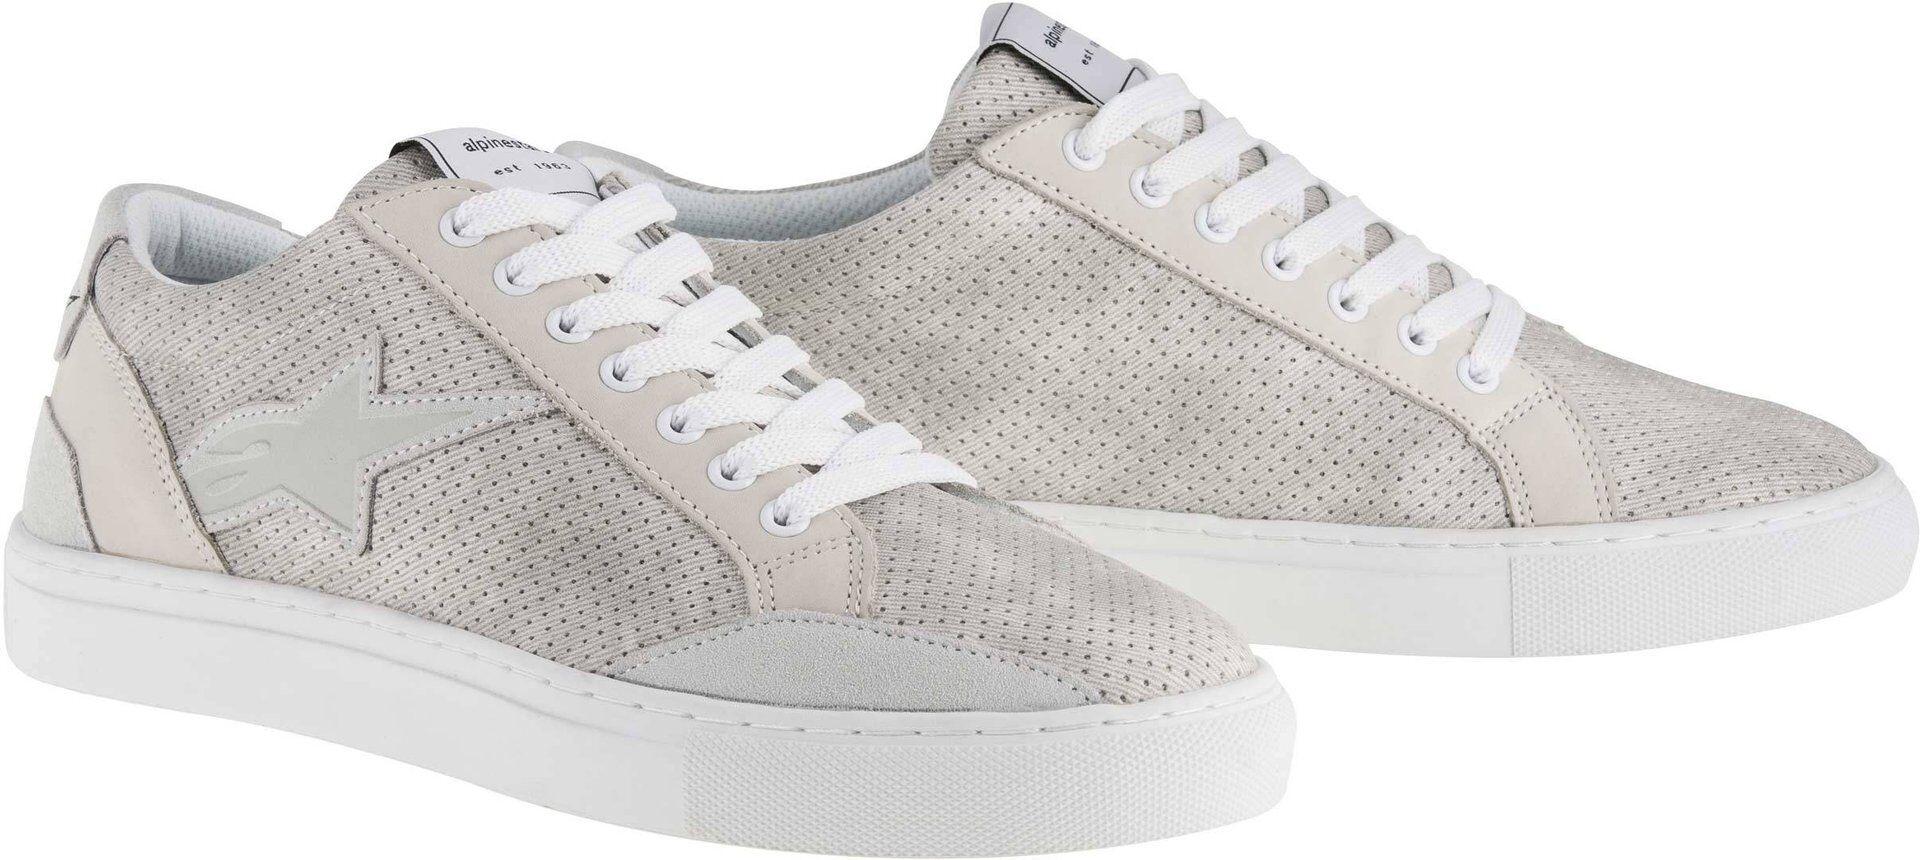 Alpinestars Ace Heritage Shoes White 42